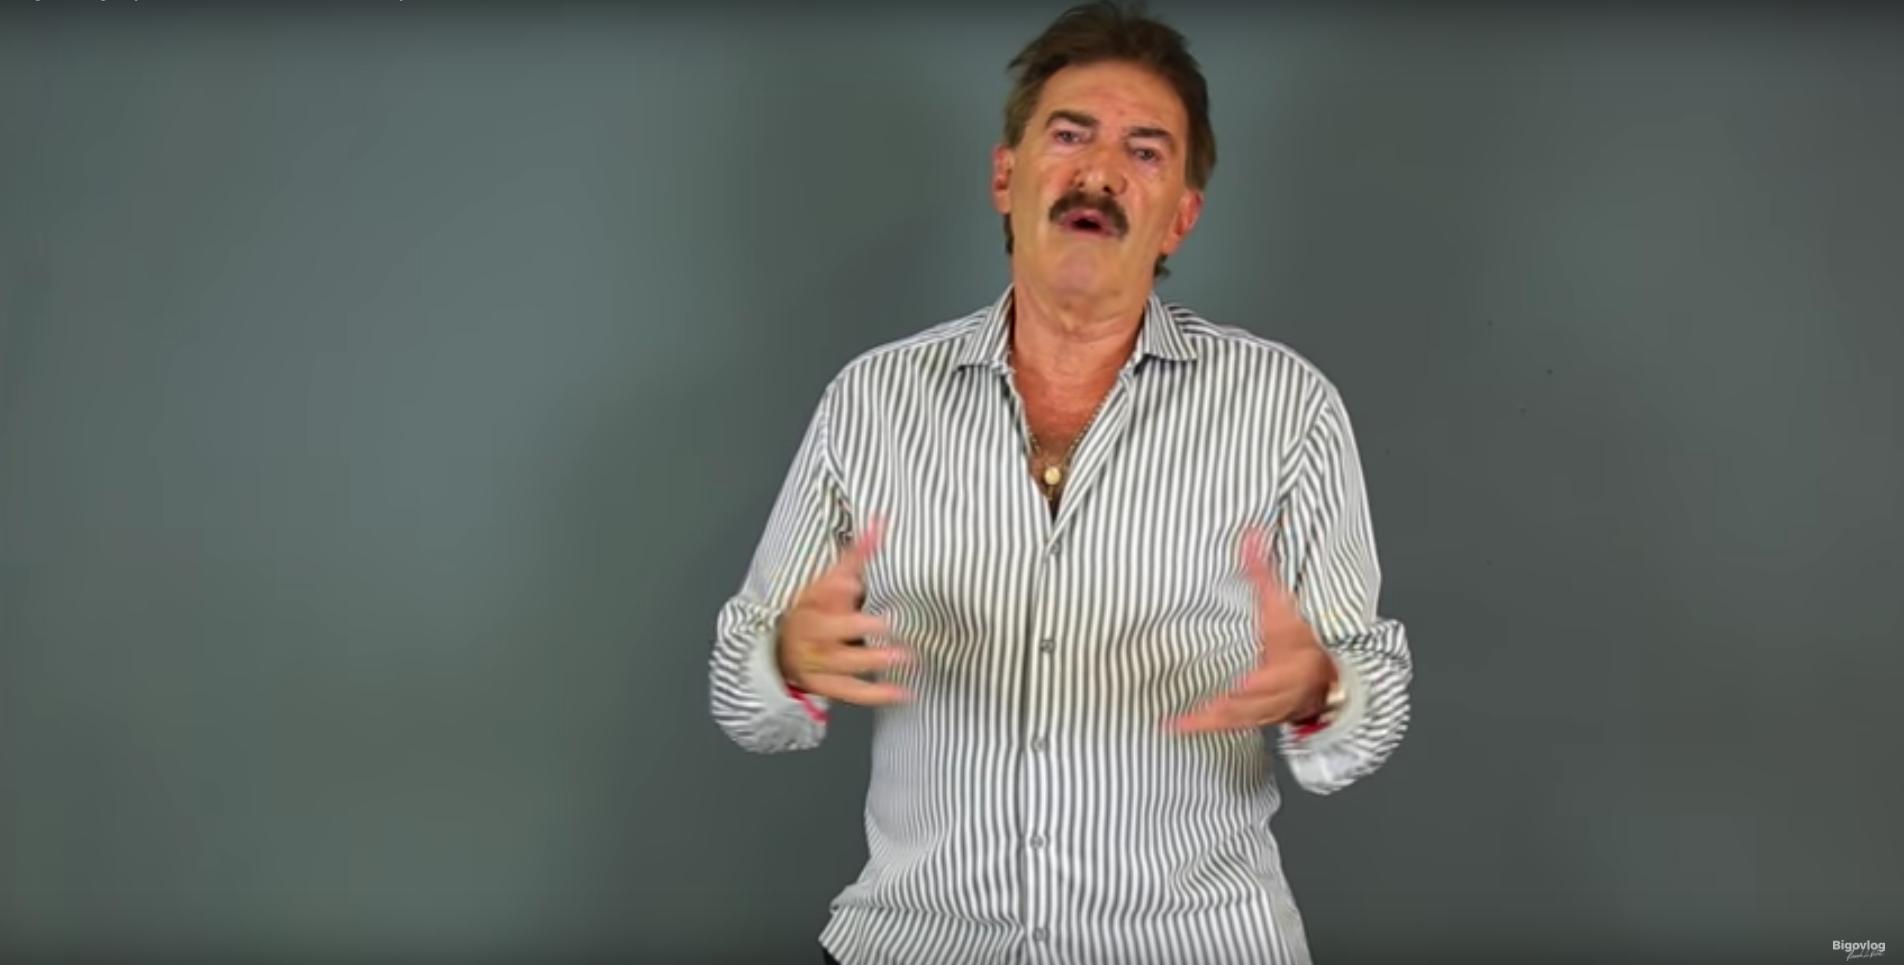 Ricardo la Volpe, argentino, entrenador, influencer, Youtube, canal, Bigovlog, México, explica, sistema táctico, futbol